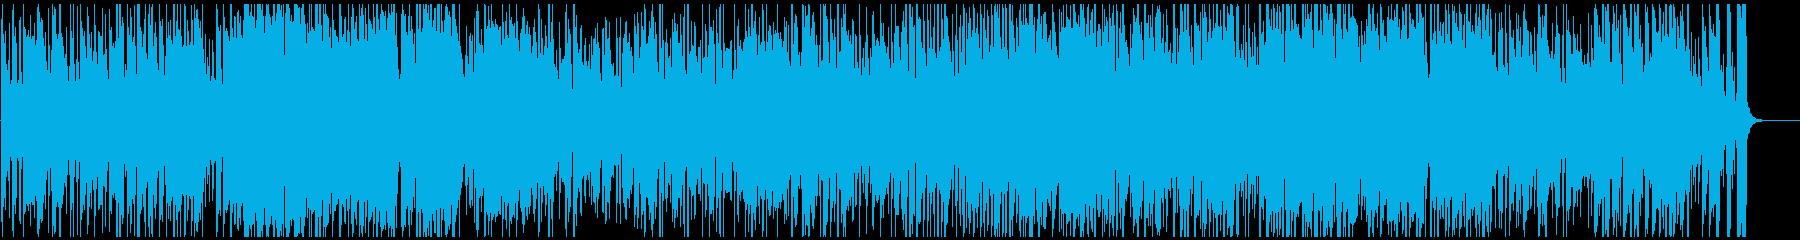 ワクワク楽しい盛り上がるジャズファンク!の再生済みの波形